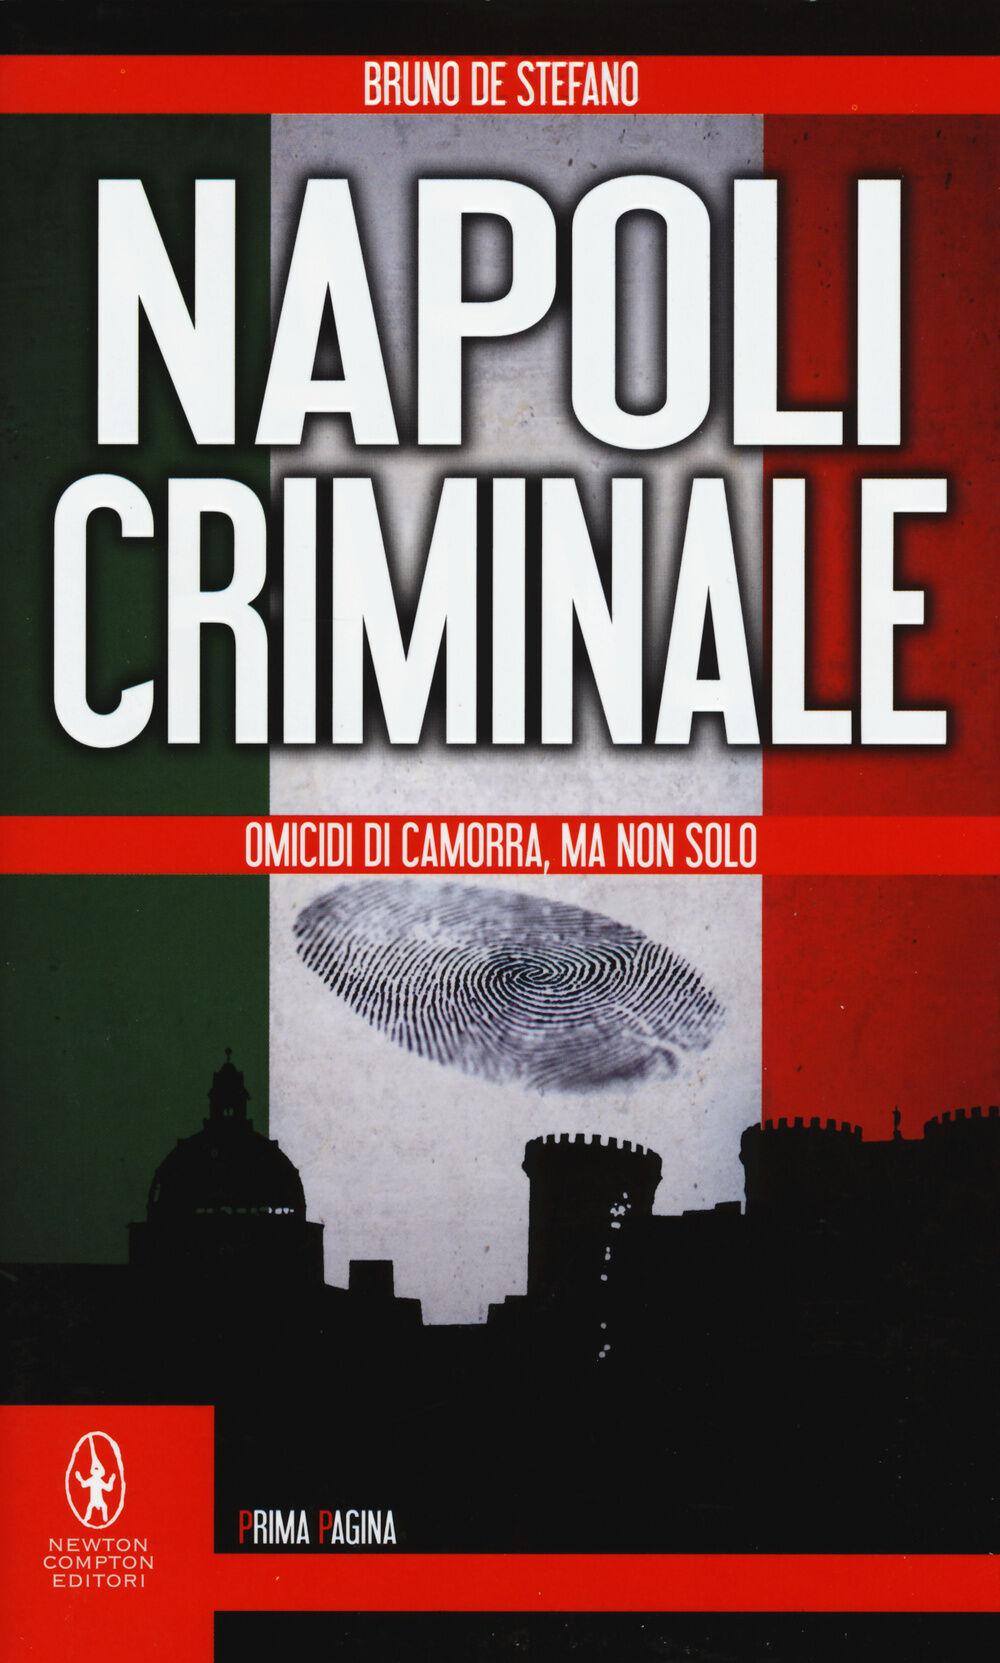 Napoli criminale. Omicidi di Camorra, ma non solo